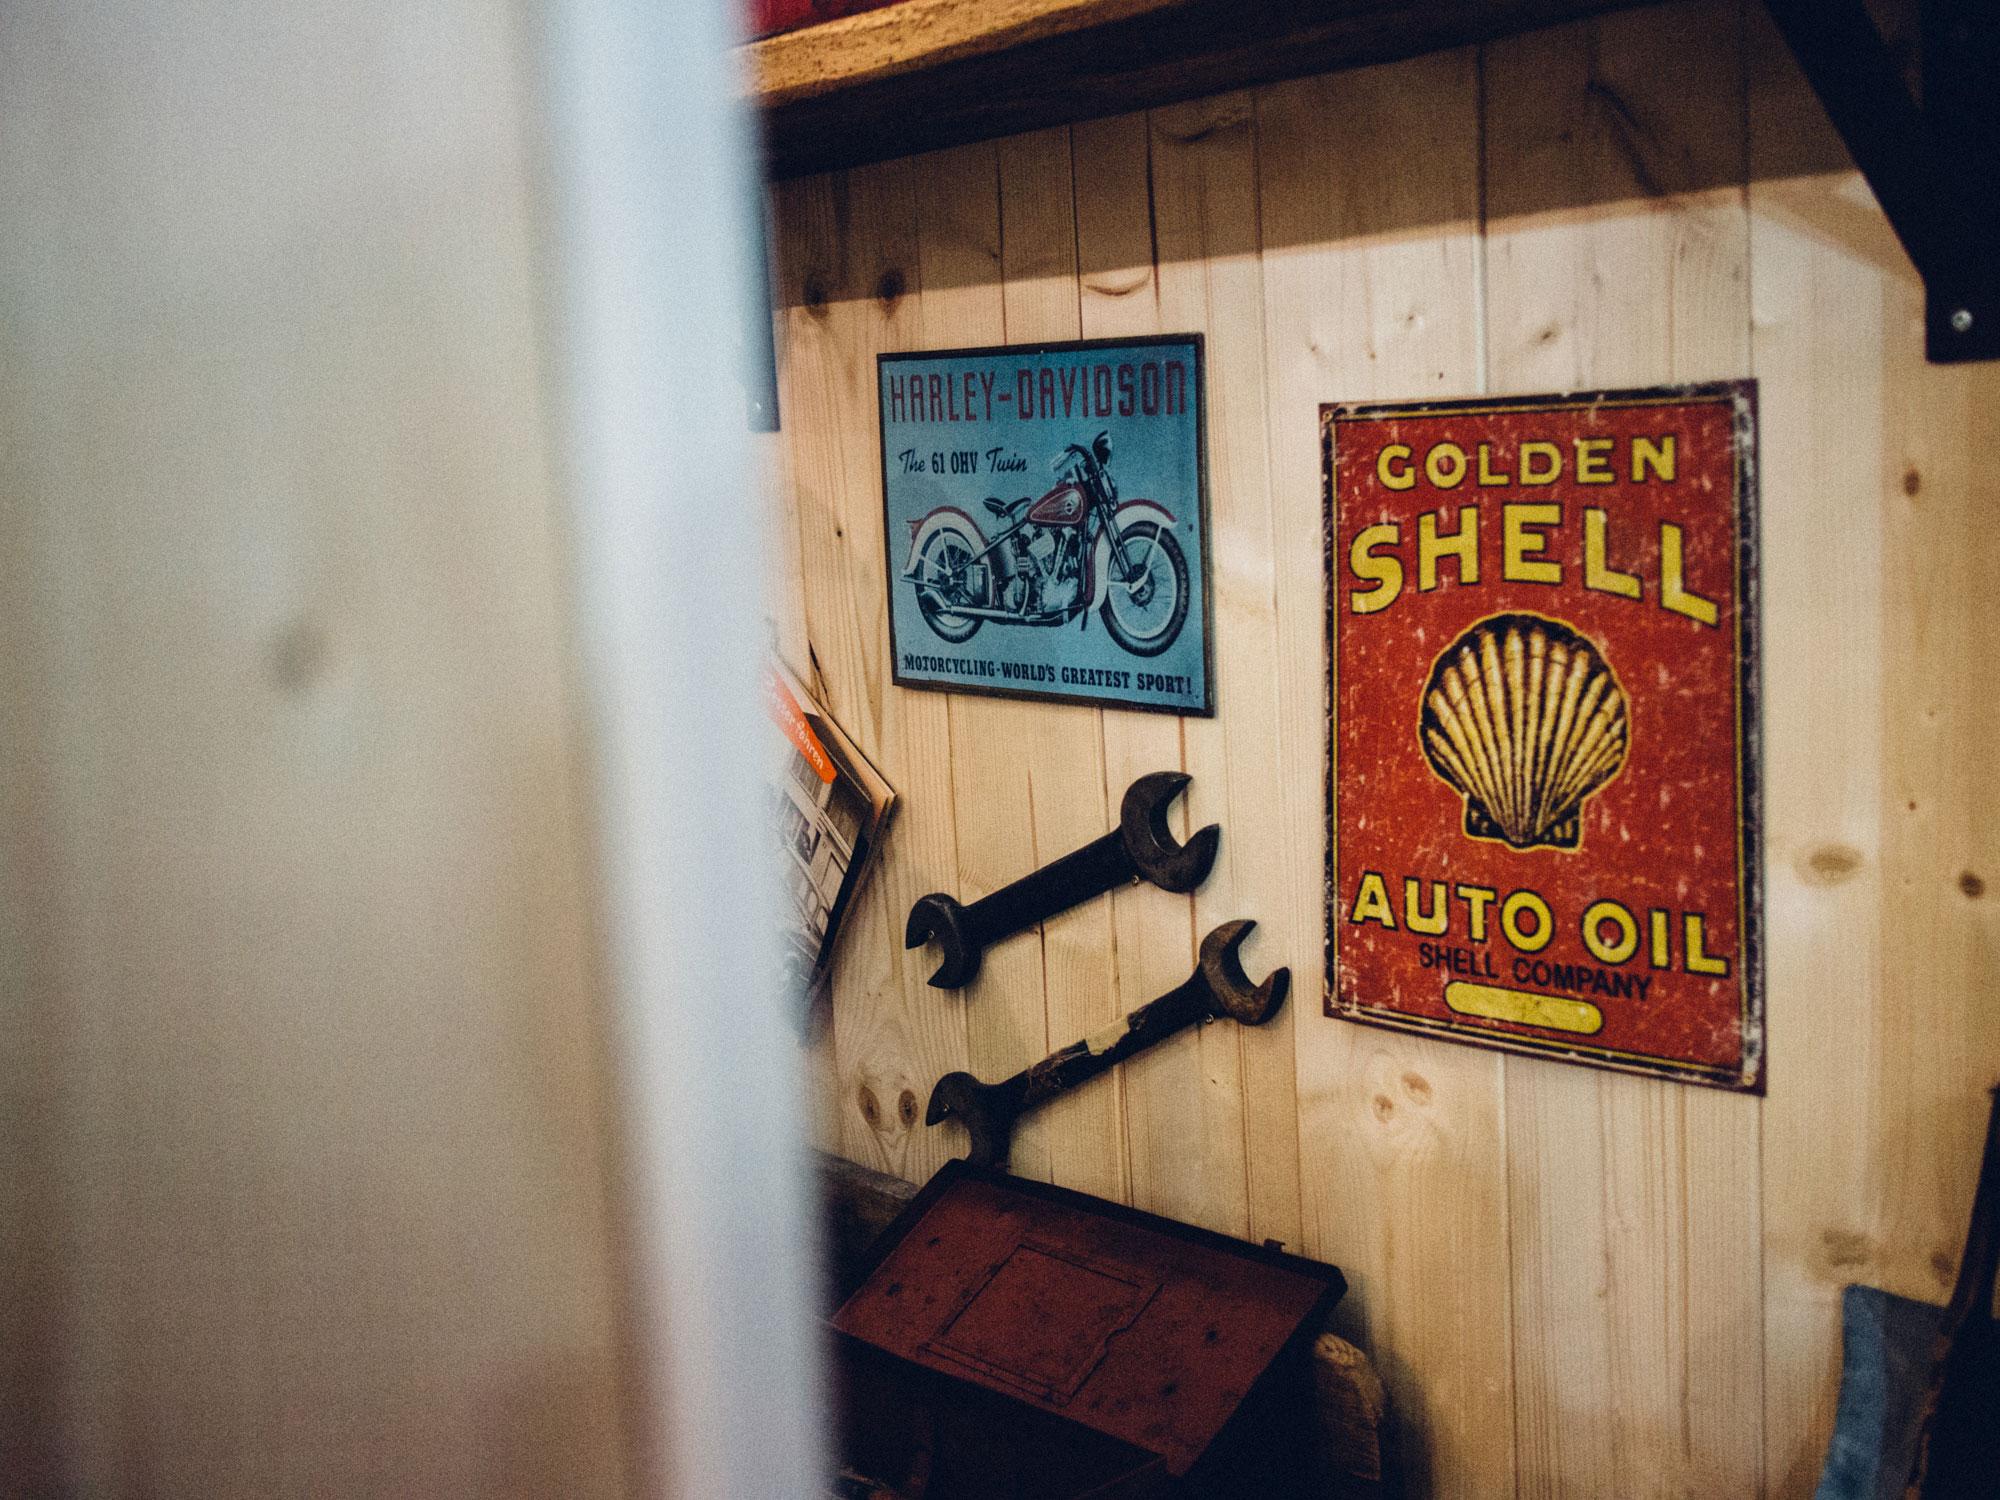 Ein Foto aus dem Inneren des Paddocks des 70-Jahre-Held-Messestandes. Man sieht eine Werkstatt-Wand mit alten Emaille-Schildern von Shell und Harley Davidson. Konzept und Design sind von MAJORMAJOR.